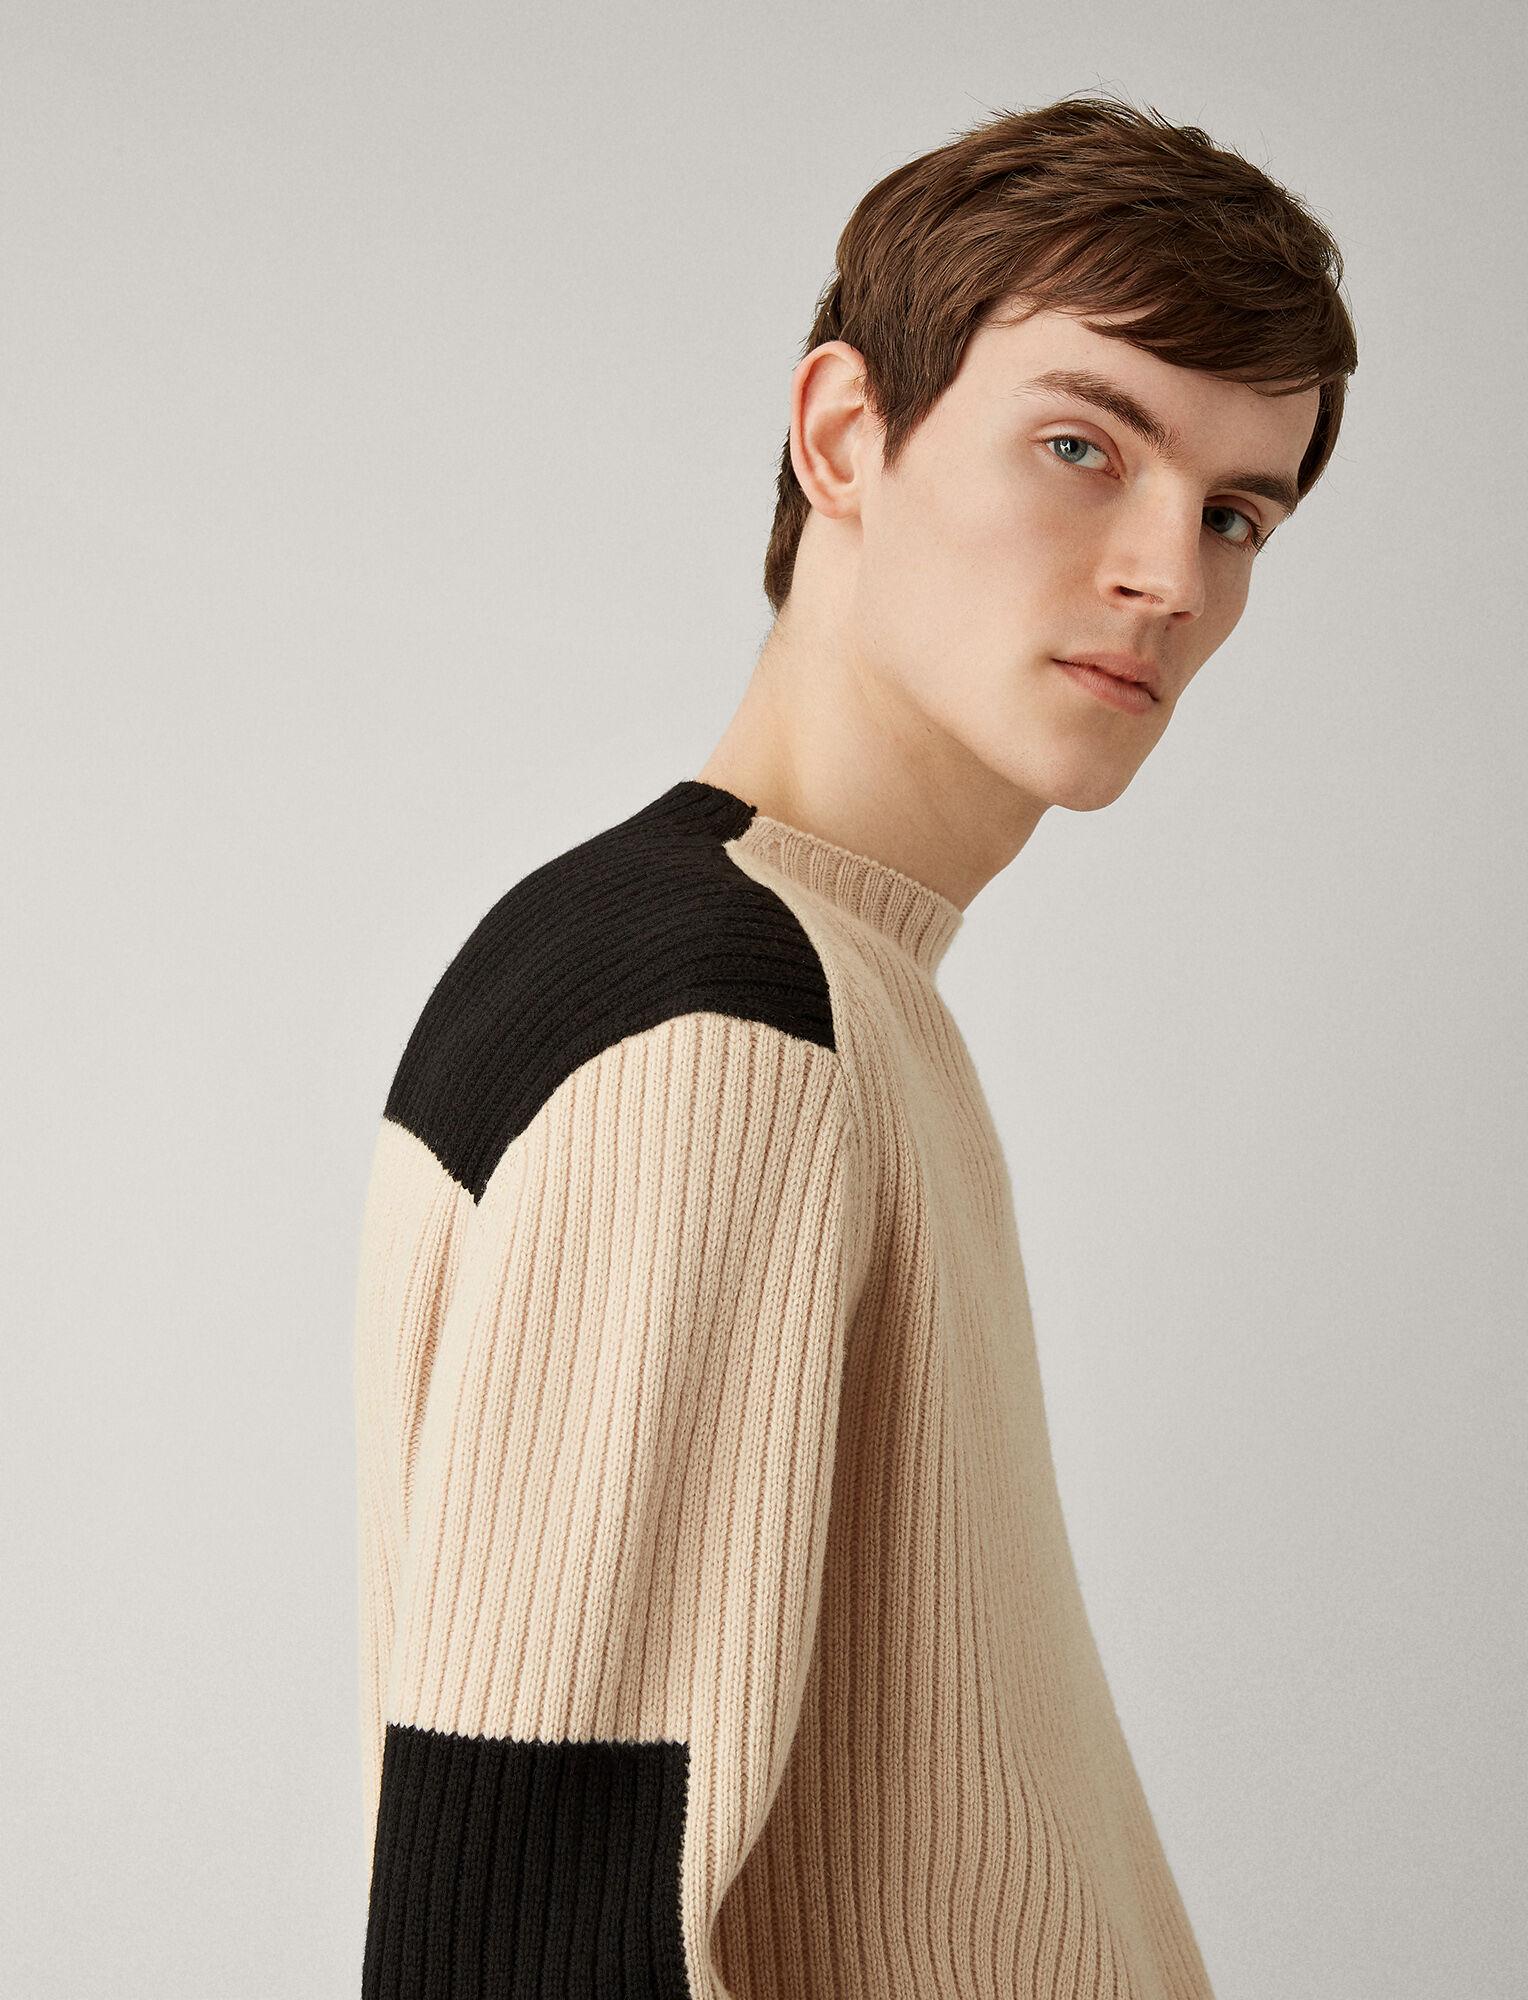 Joseph, Rib Sweater Soft Wool Knitwear, in LATTE